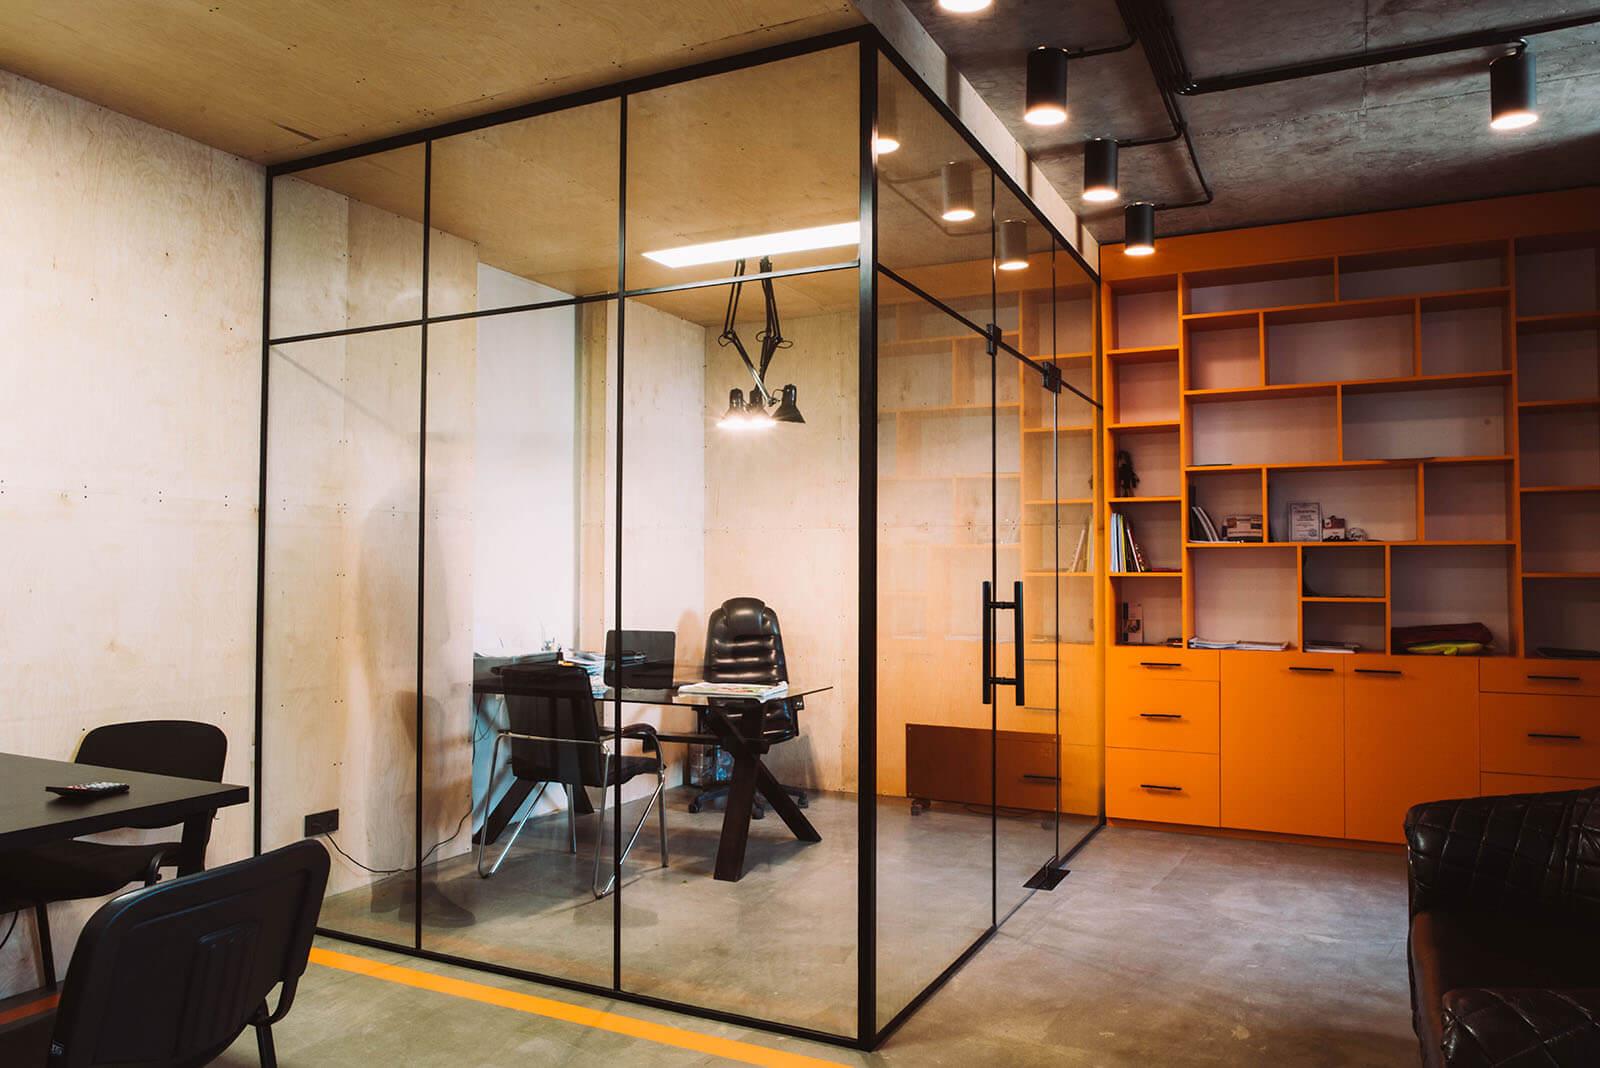 стеклянная перегородка для зонирования комнаты